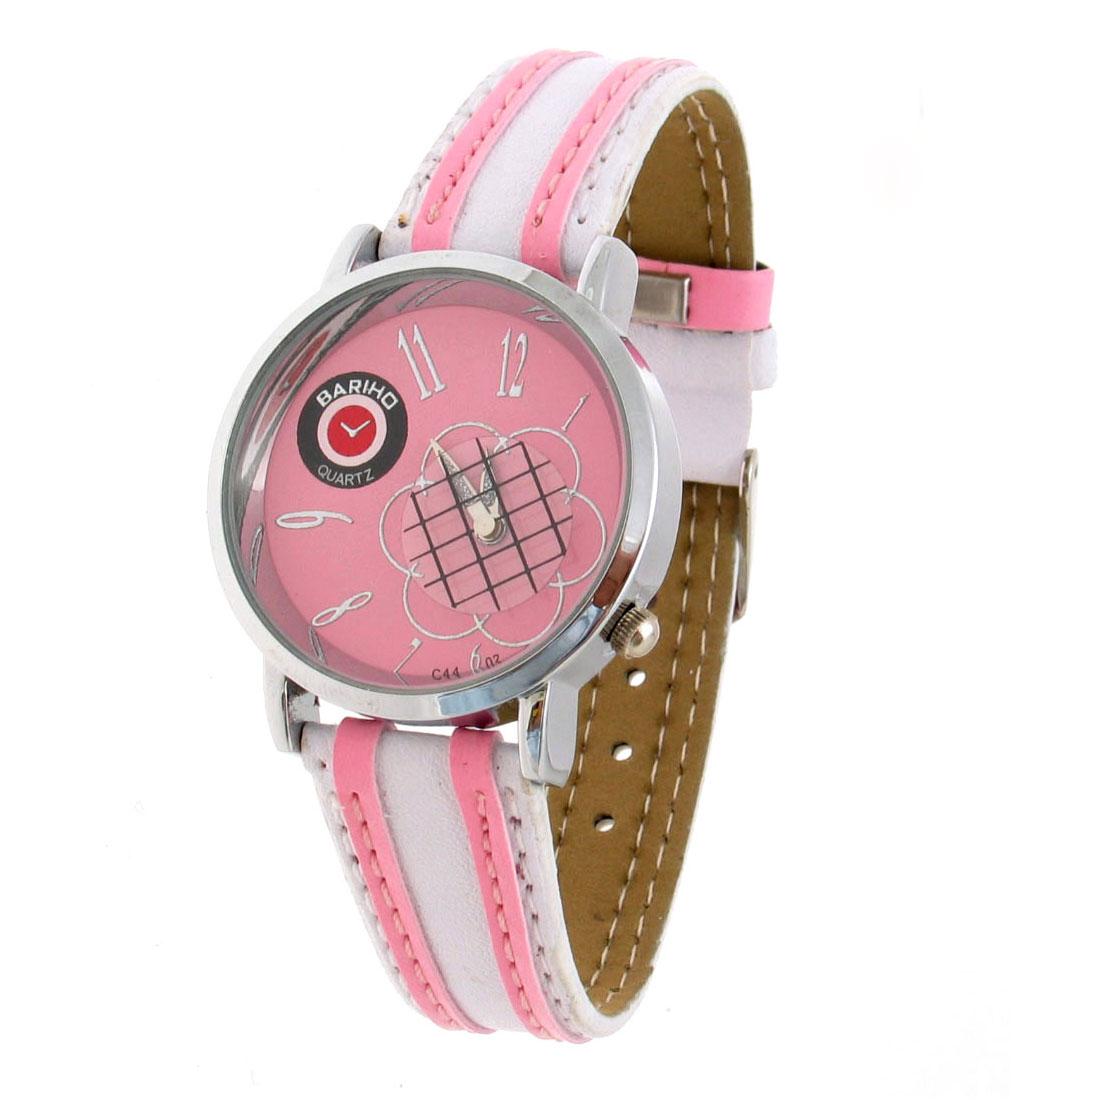 Fashion Jewelry Slim Faux Pink & White Leather Quartz Watch Wrist Watch